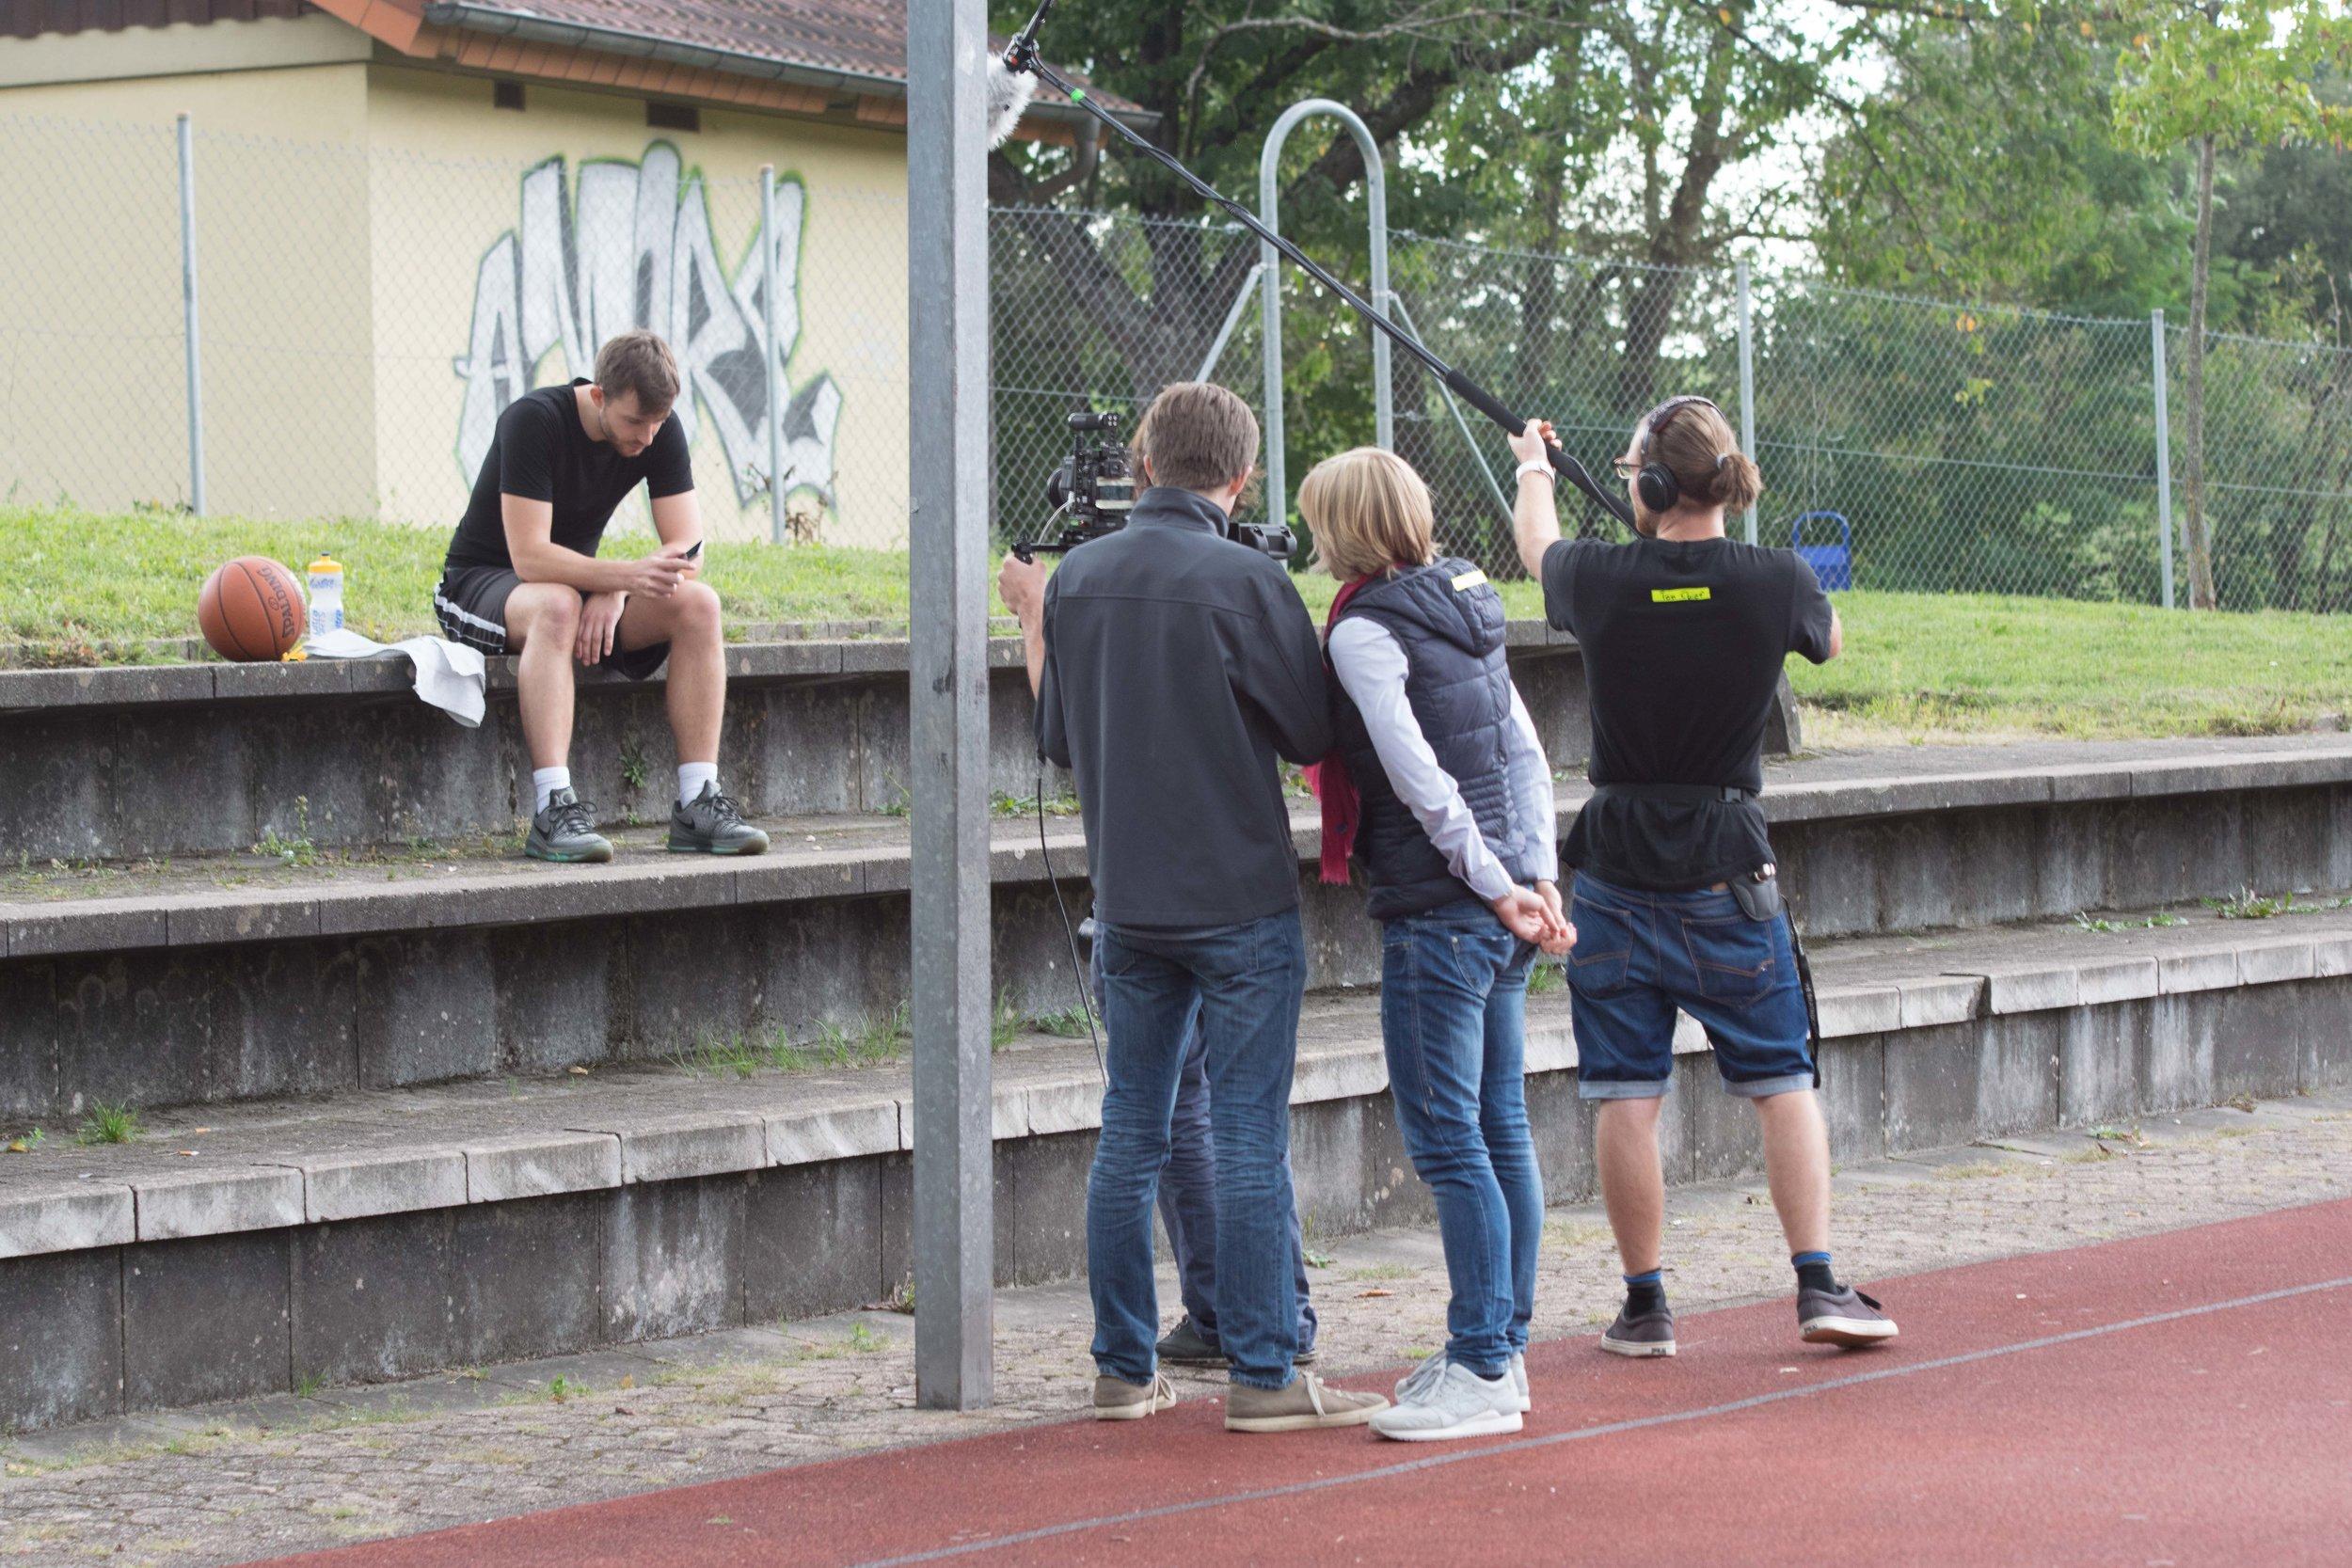 Grund- und Hauptschule Dietlingen - Sportplatz